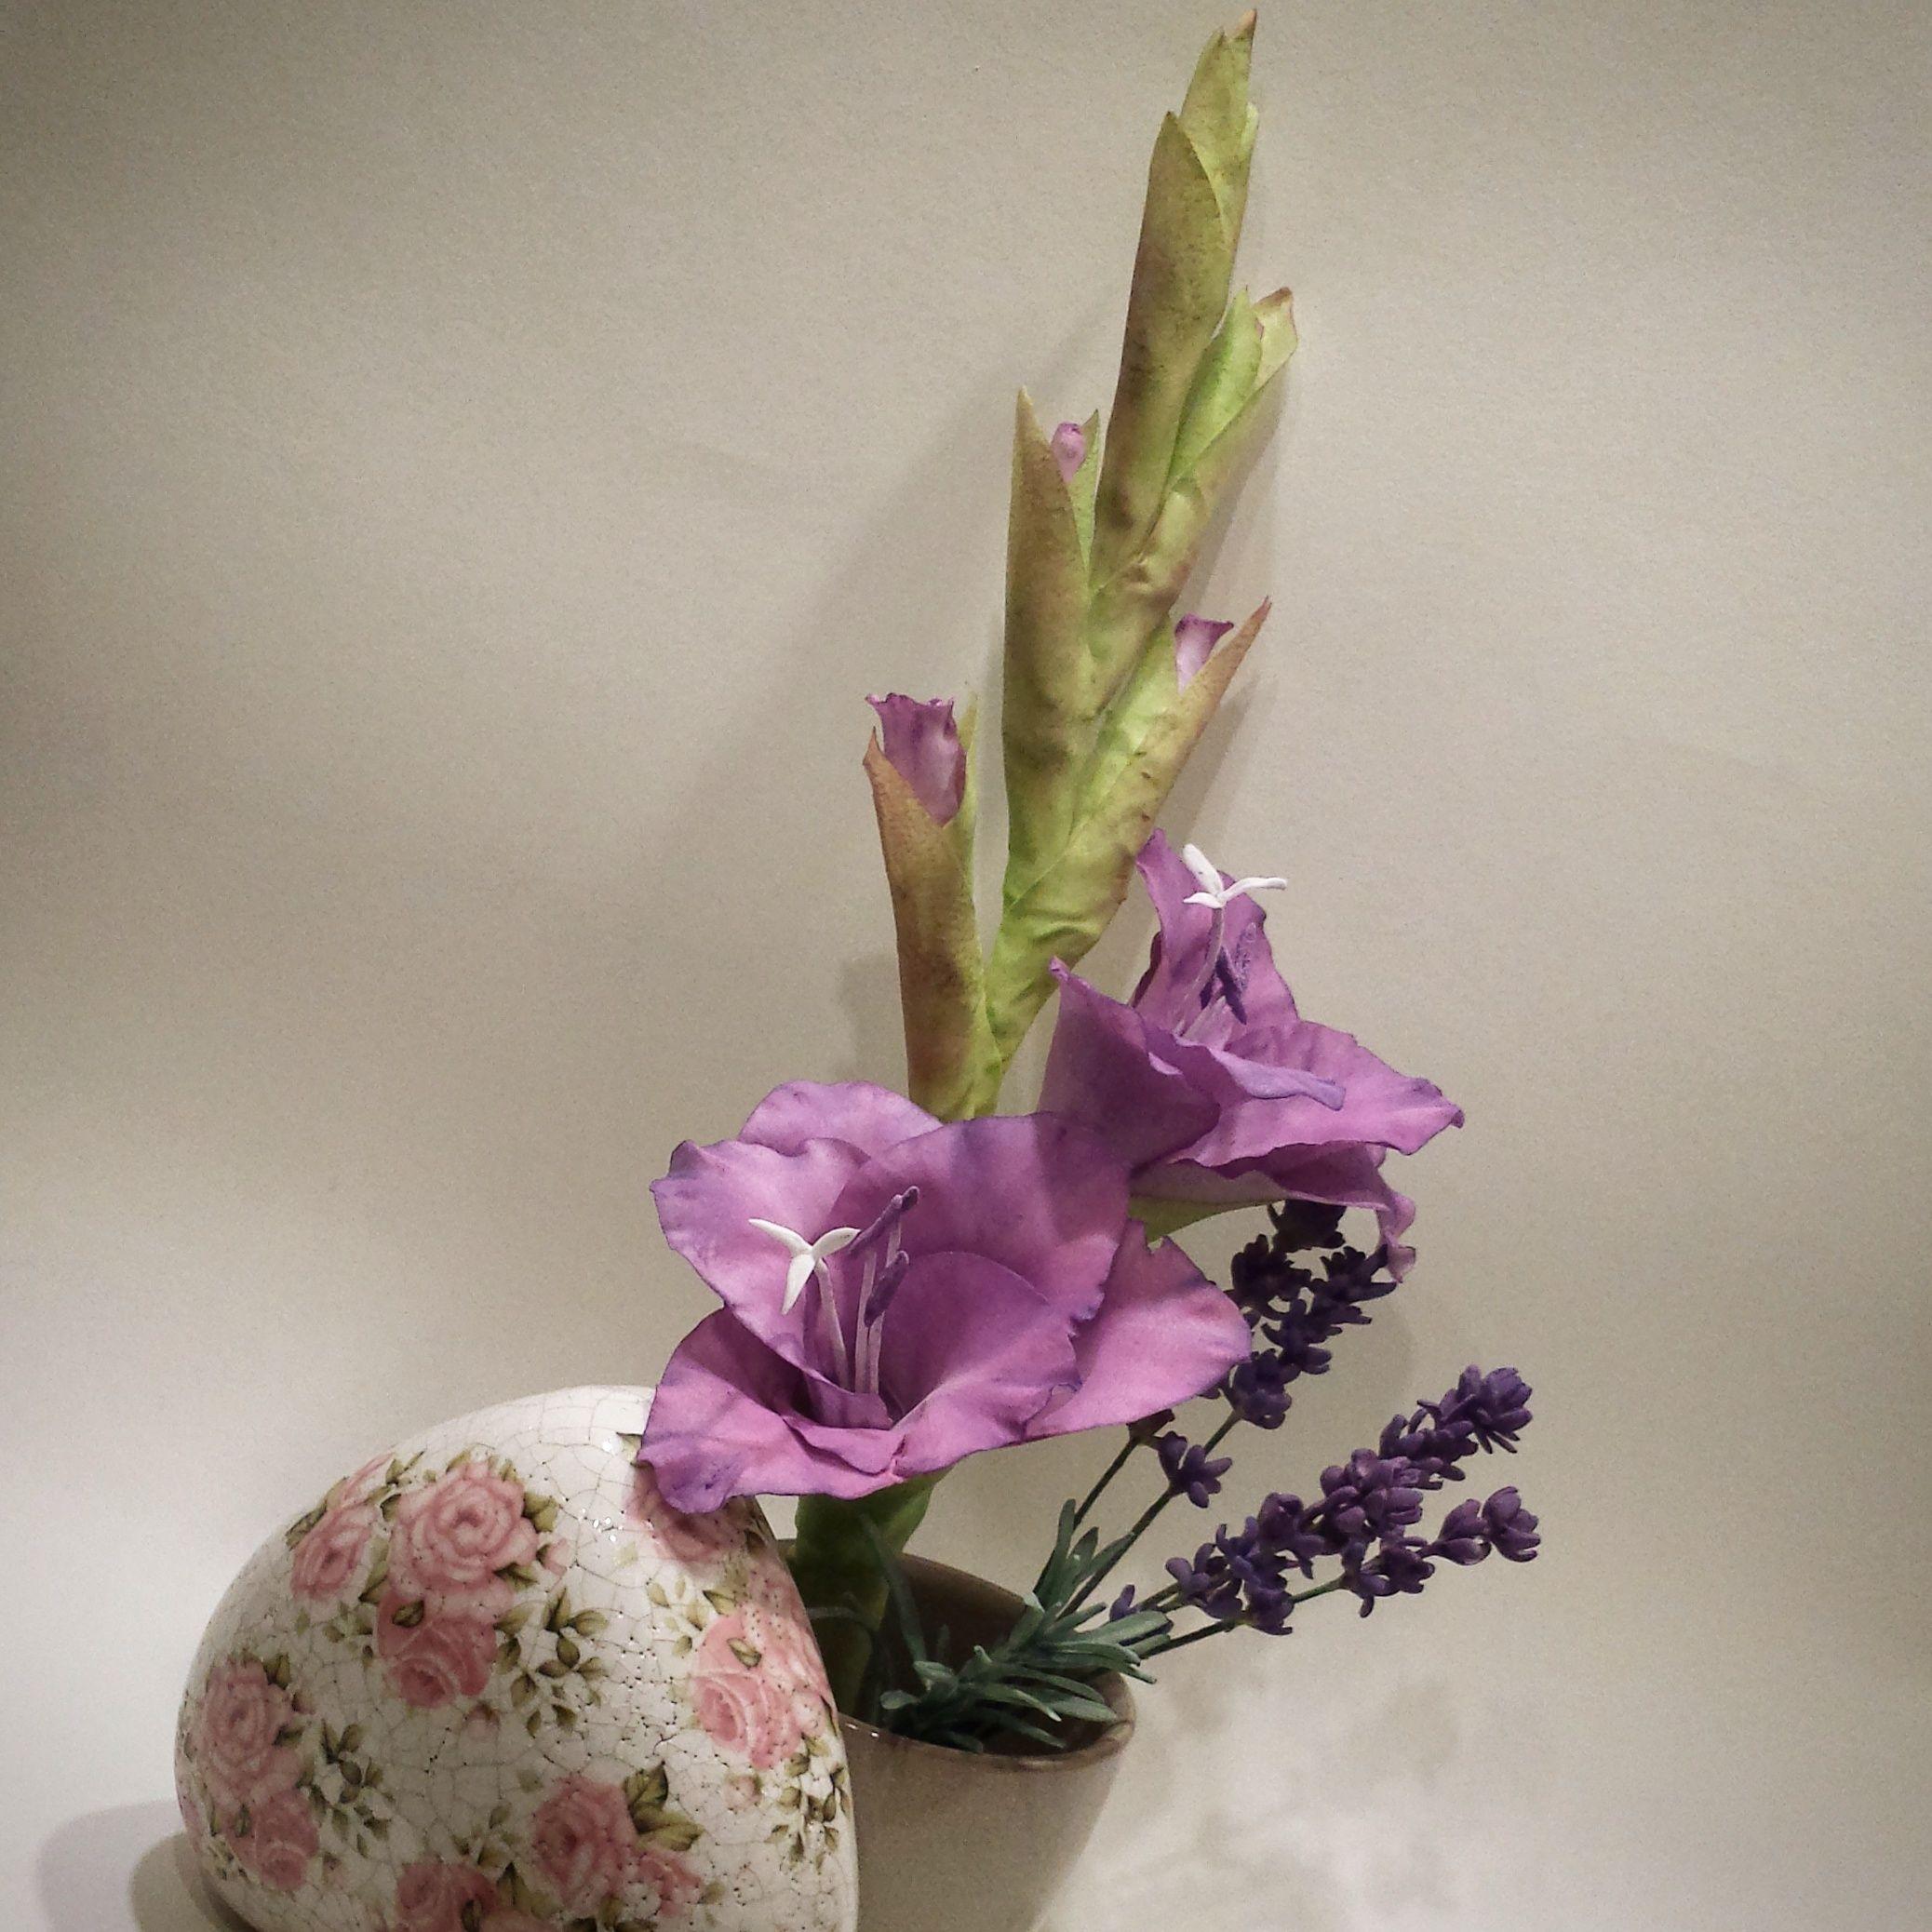 Gumpaste gladiolus tutorial baking decor tutorials pinterest gumpaste gladiolus tutorial sugar paste gum paste clay flowers sugar flowers gladioli izmirmasajfo